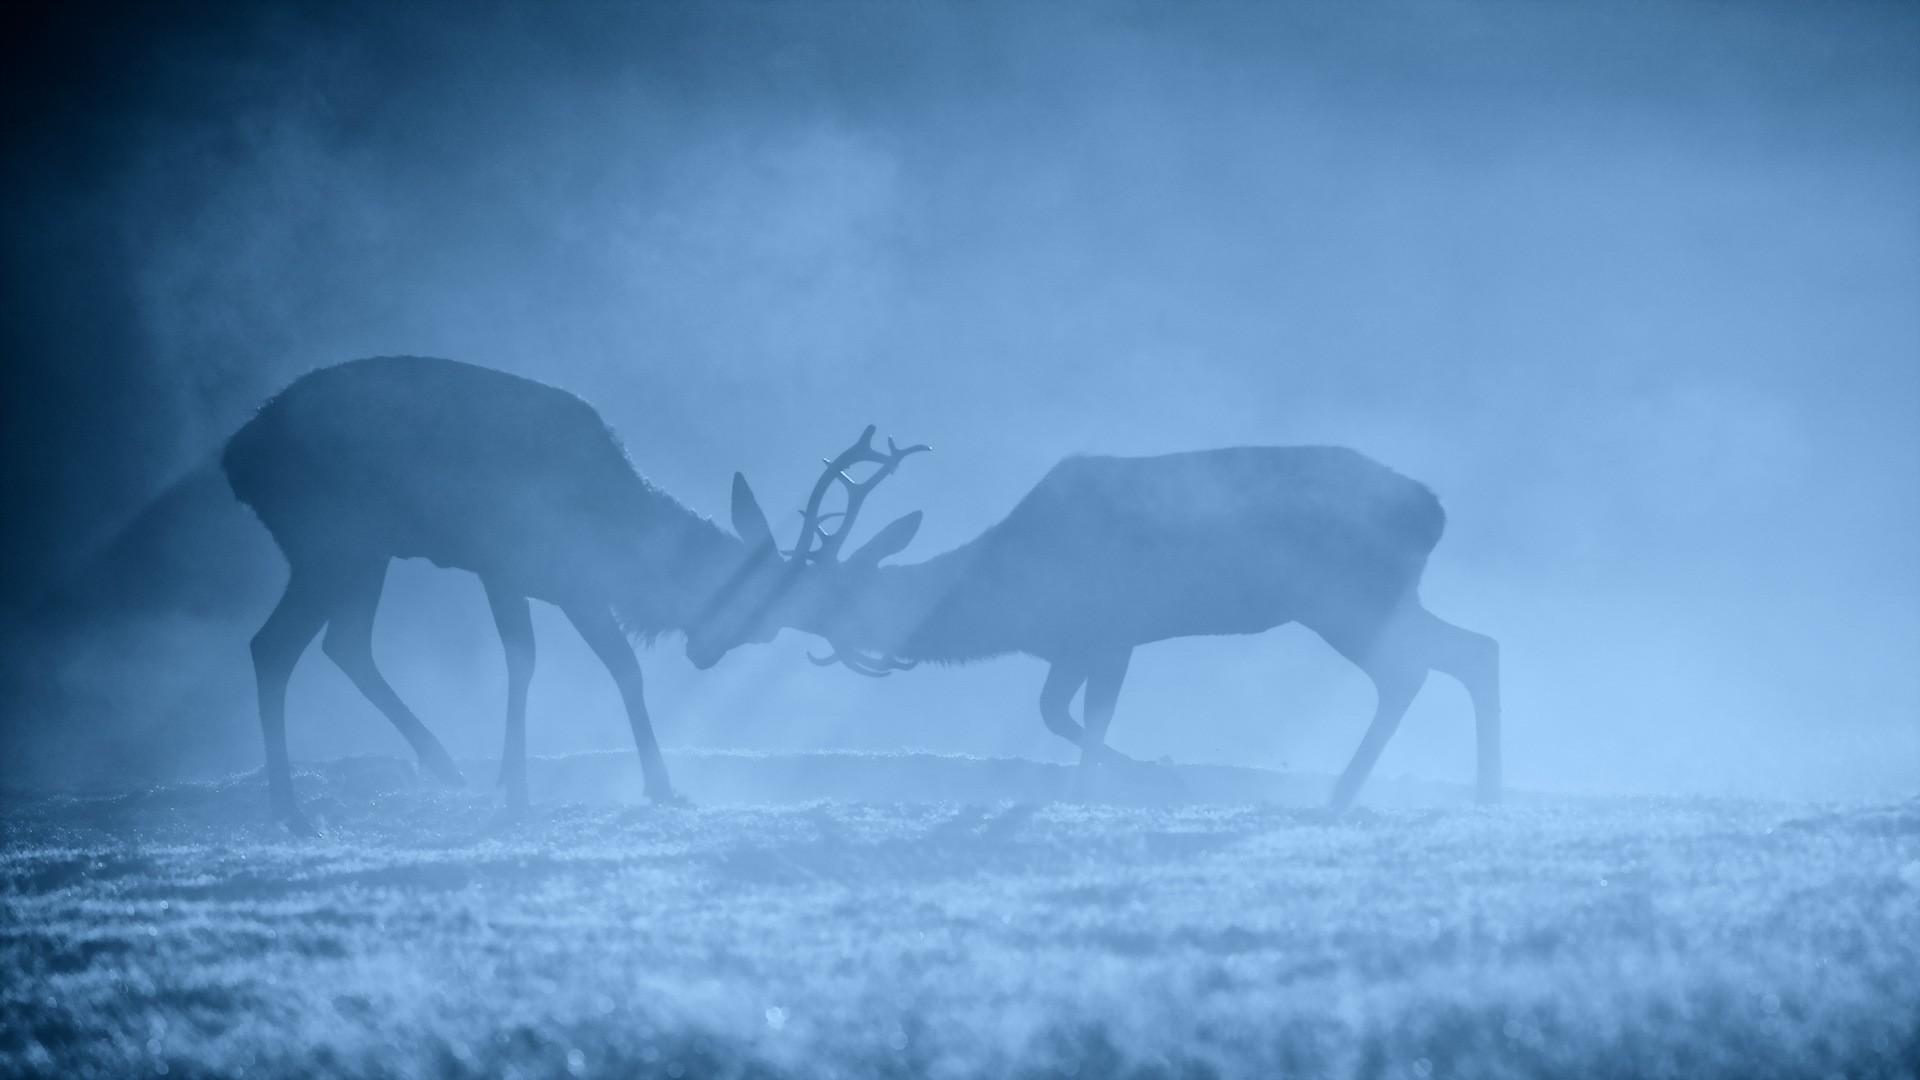 General 1920x1080 animals deer mammals blue mist wildlife stags